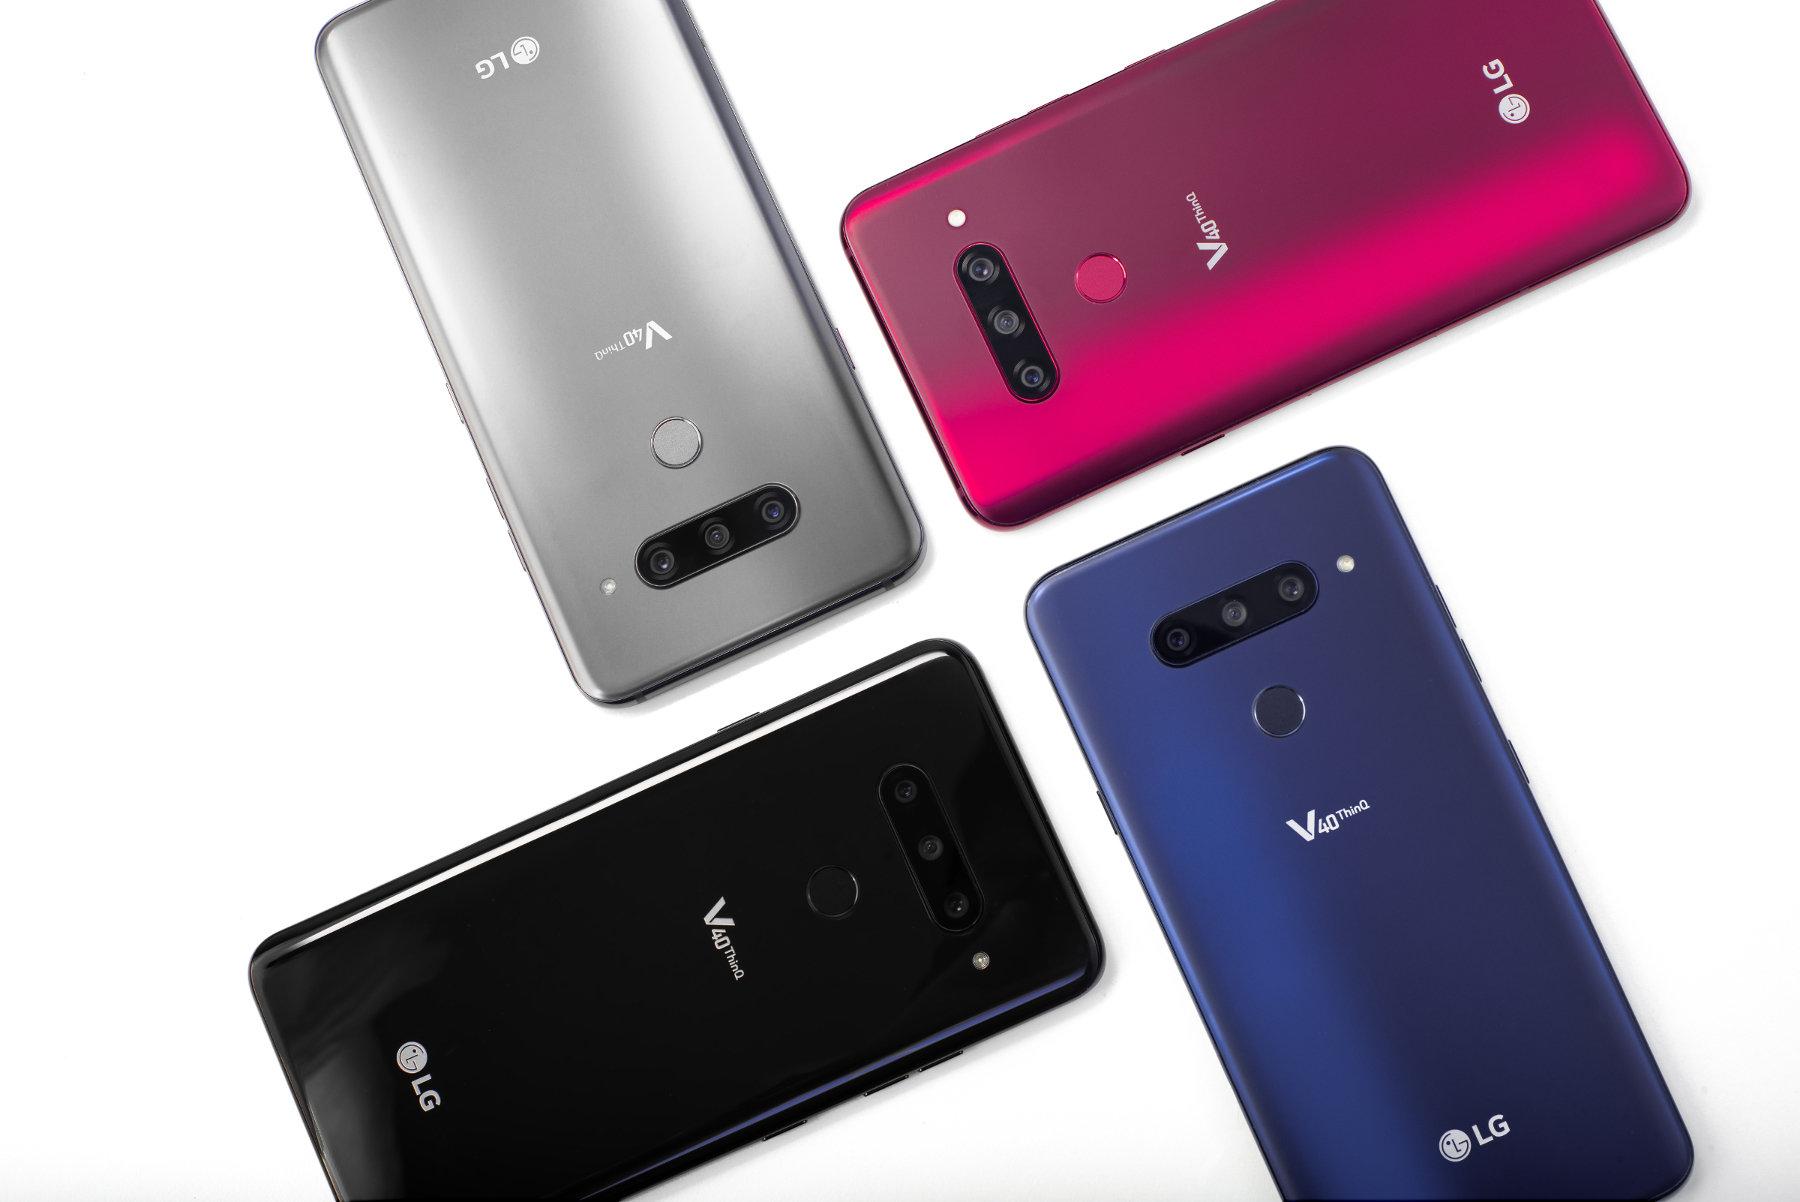 LG prezentuje LG V40 ThinQ, smartfon o najwyższych możliwościach z pięcioma aparatami